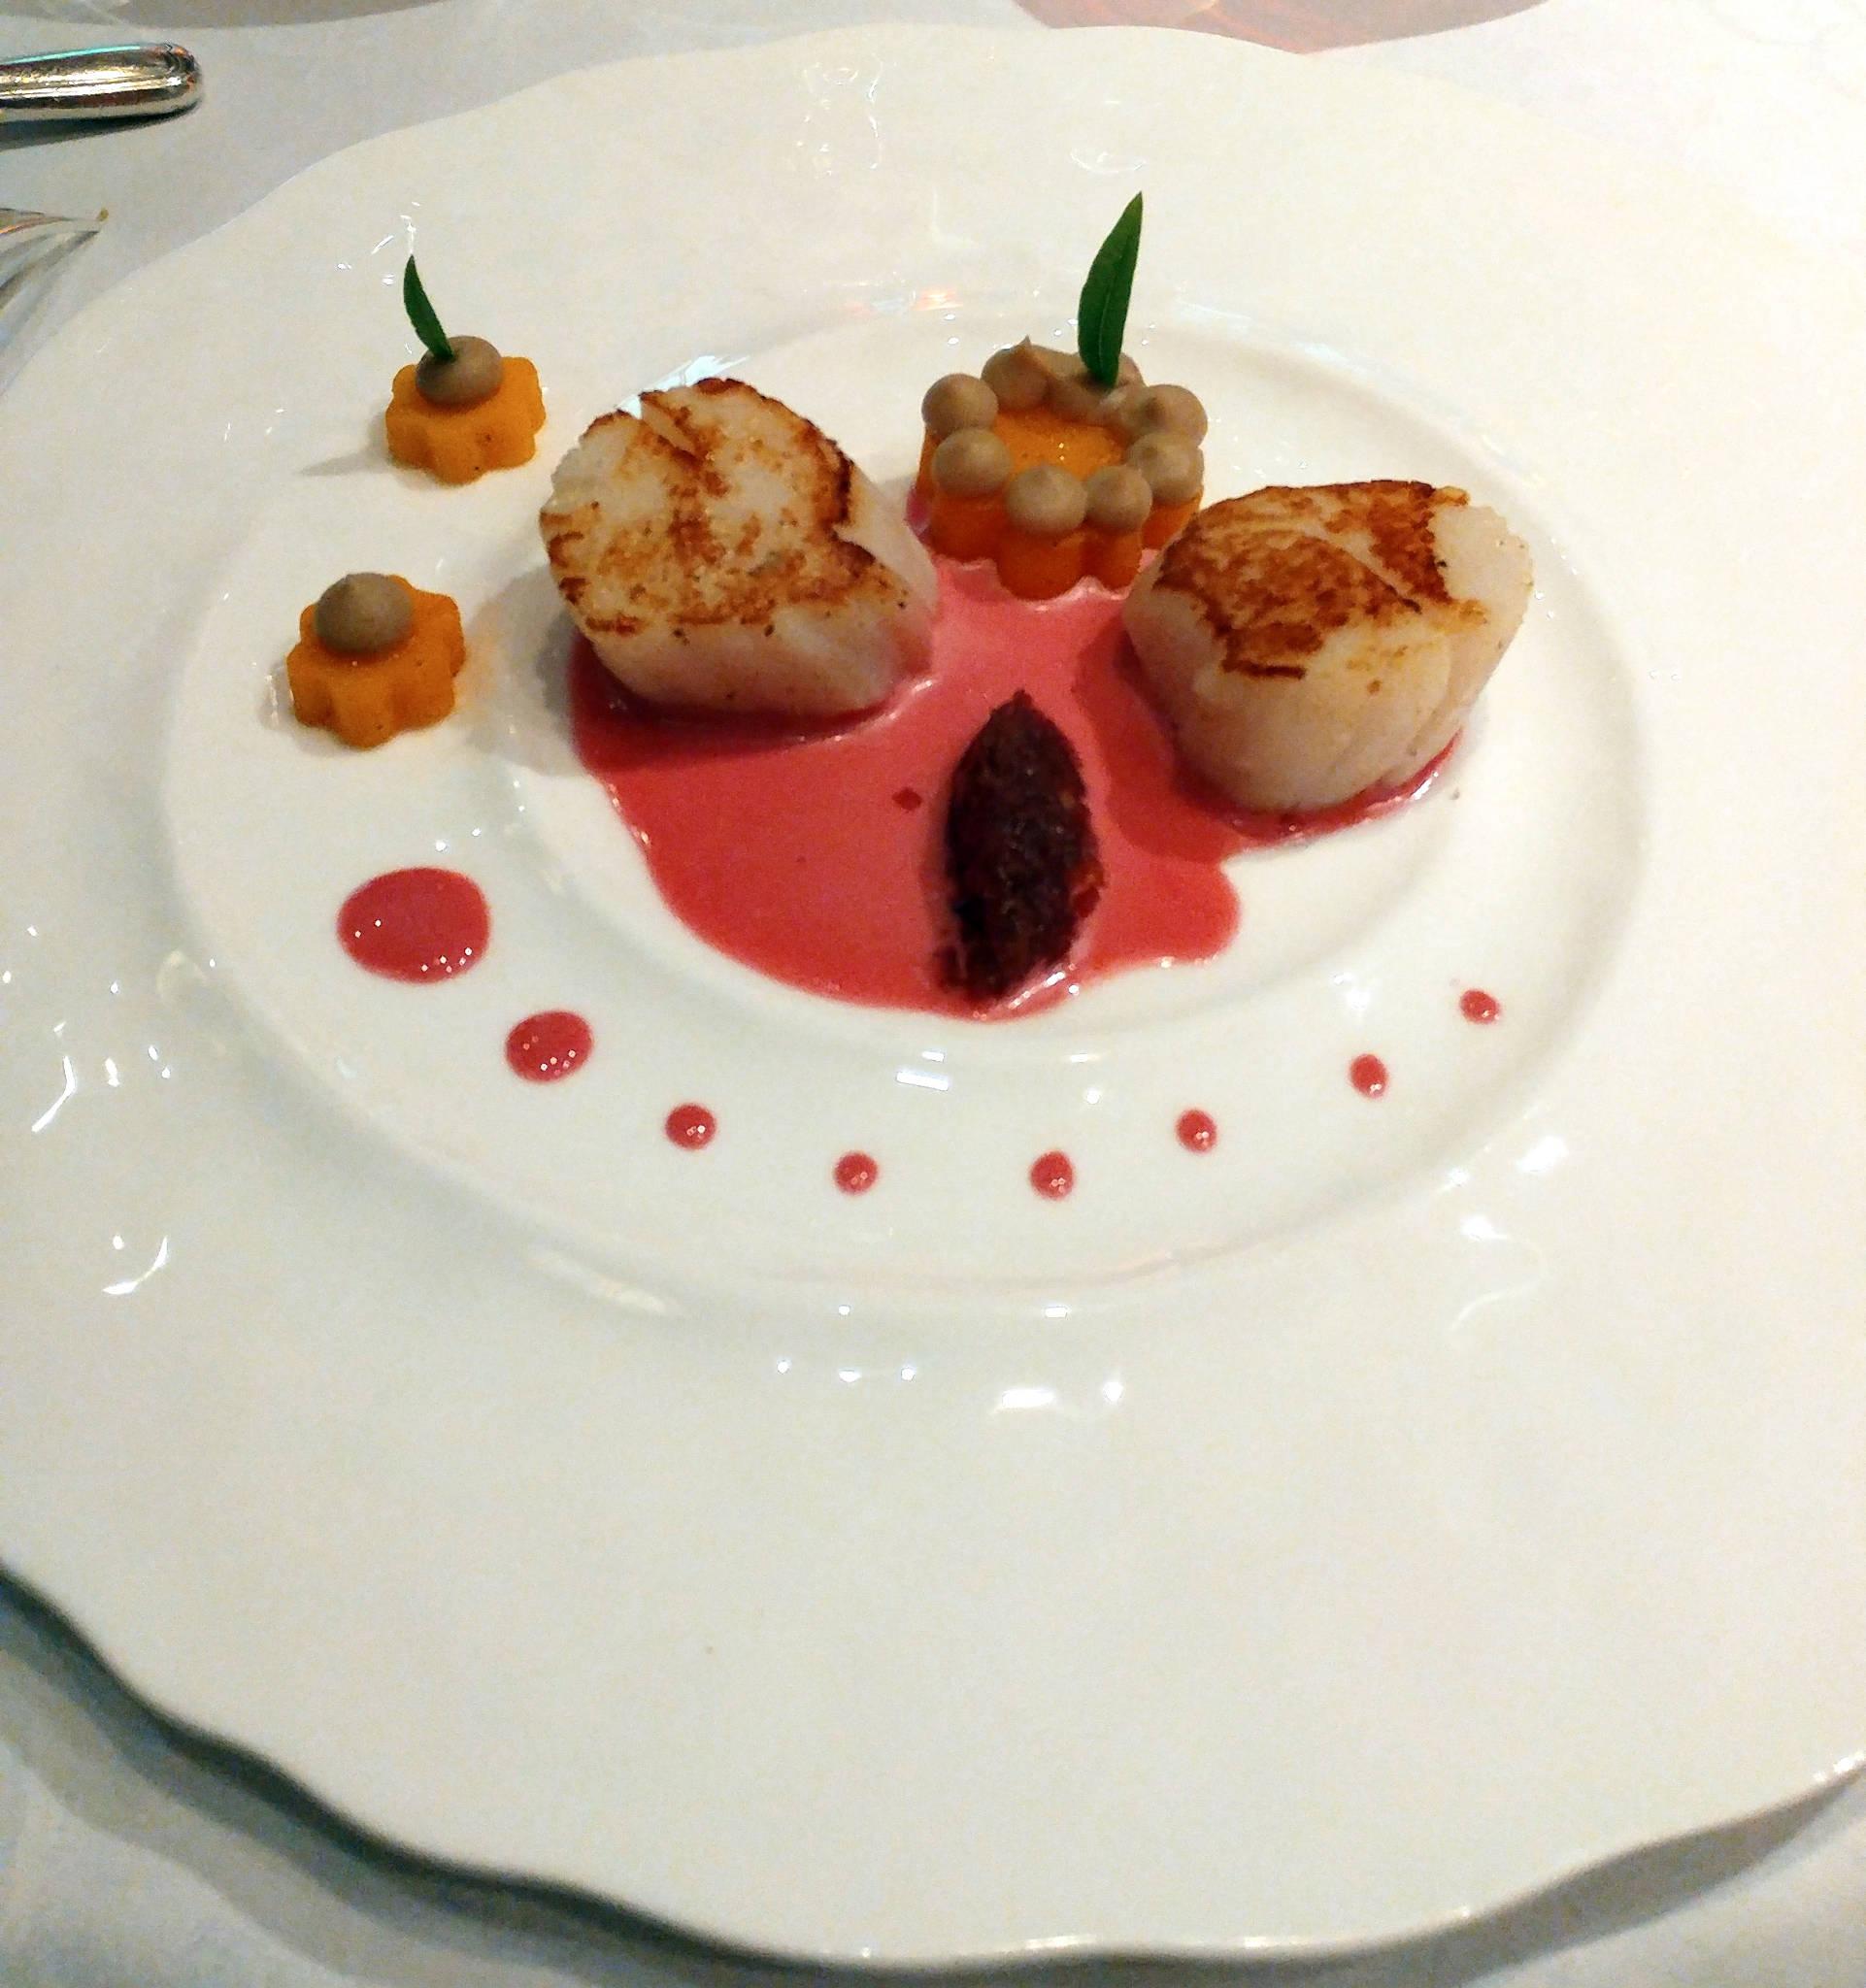 Restaurant georges blanc vonnas 01 go ter le r ve d 39 un 3 toiles - Cours de cuisine georges blanc ...